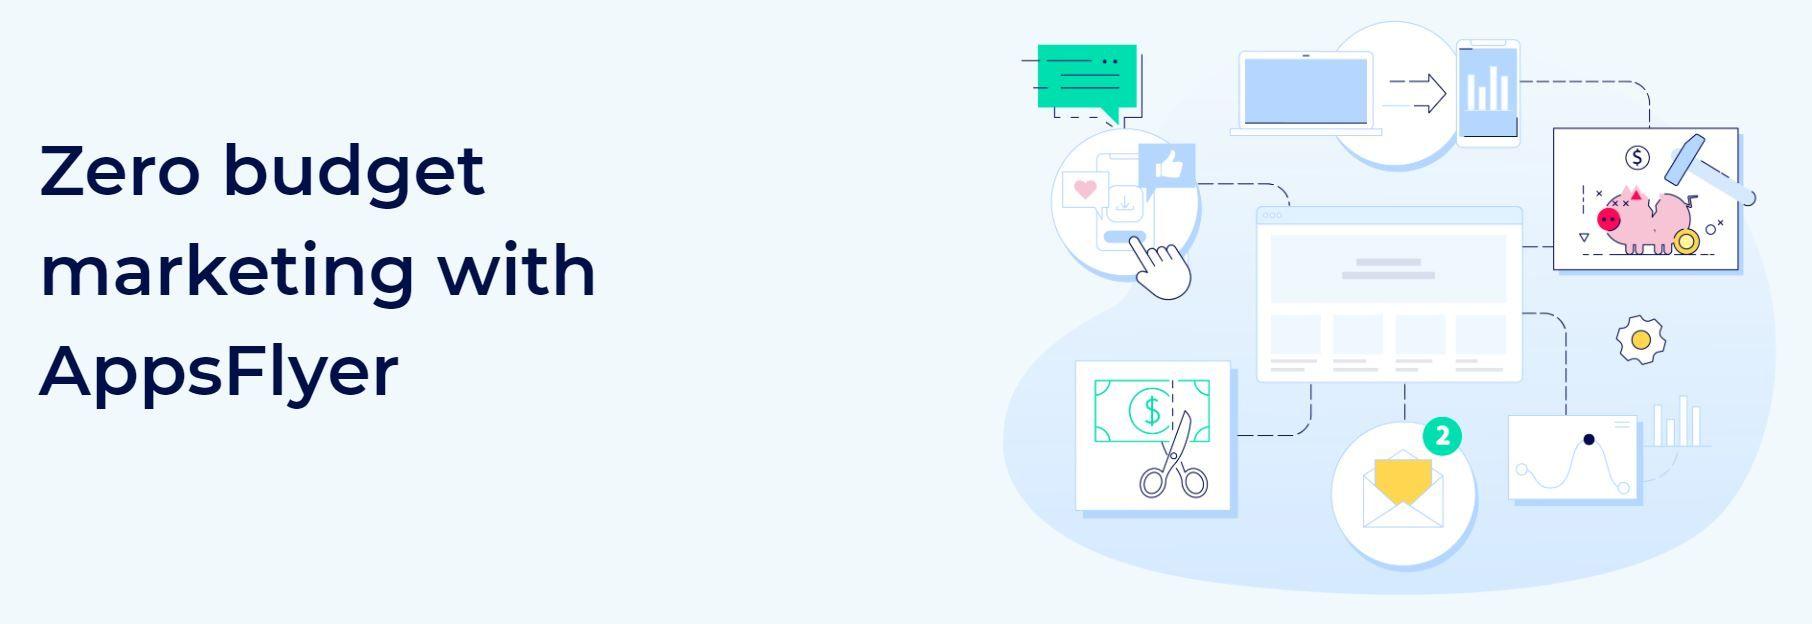 AppsFlyer presenta Zero, software y API gratuitos para que las marcas hagan crecer sus negocios